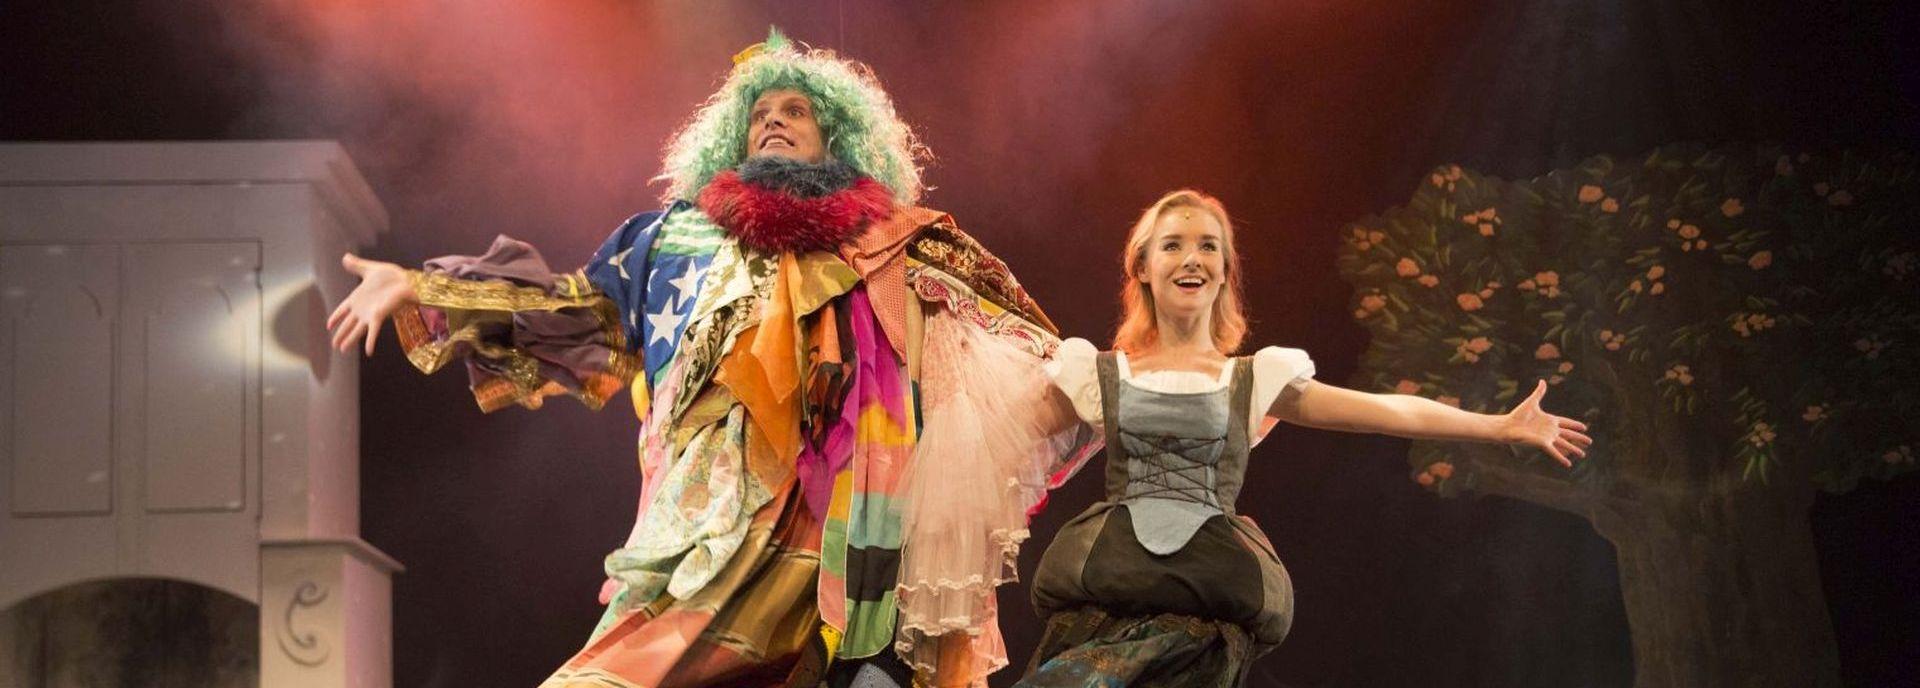 in 2017 speelde Langhout Theaterproducties de landelijke première van Assepoester in De Tamboer